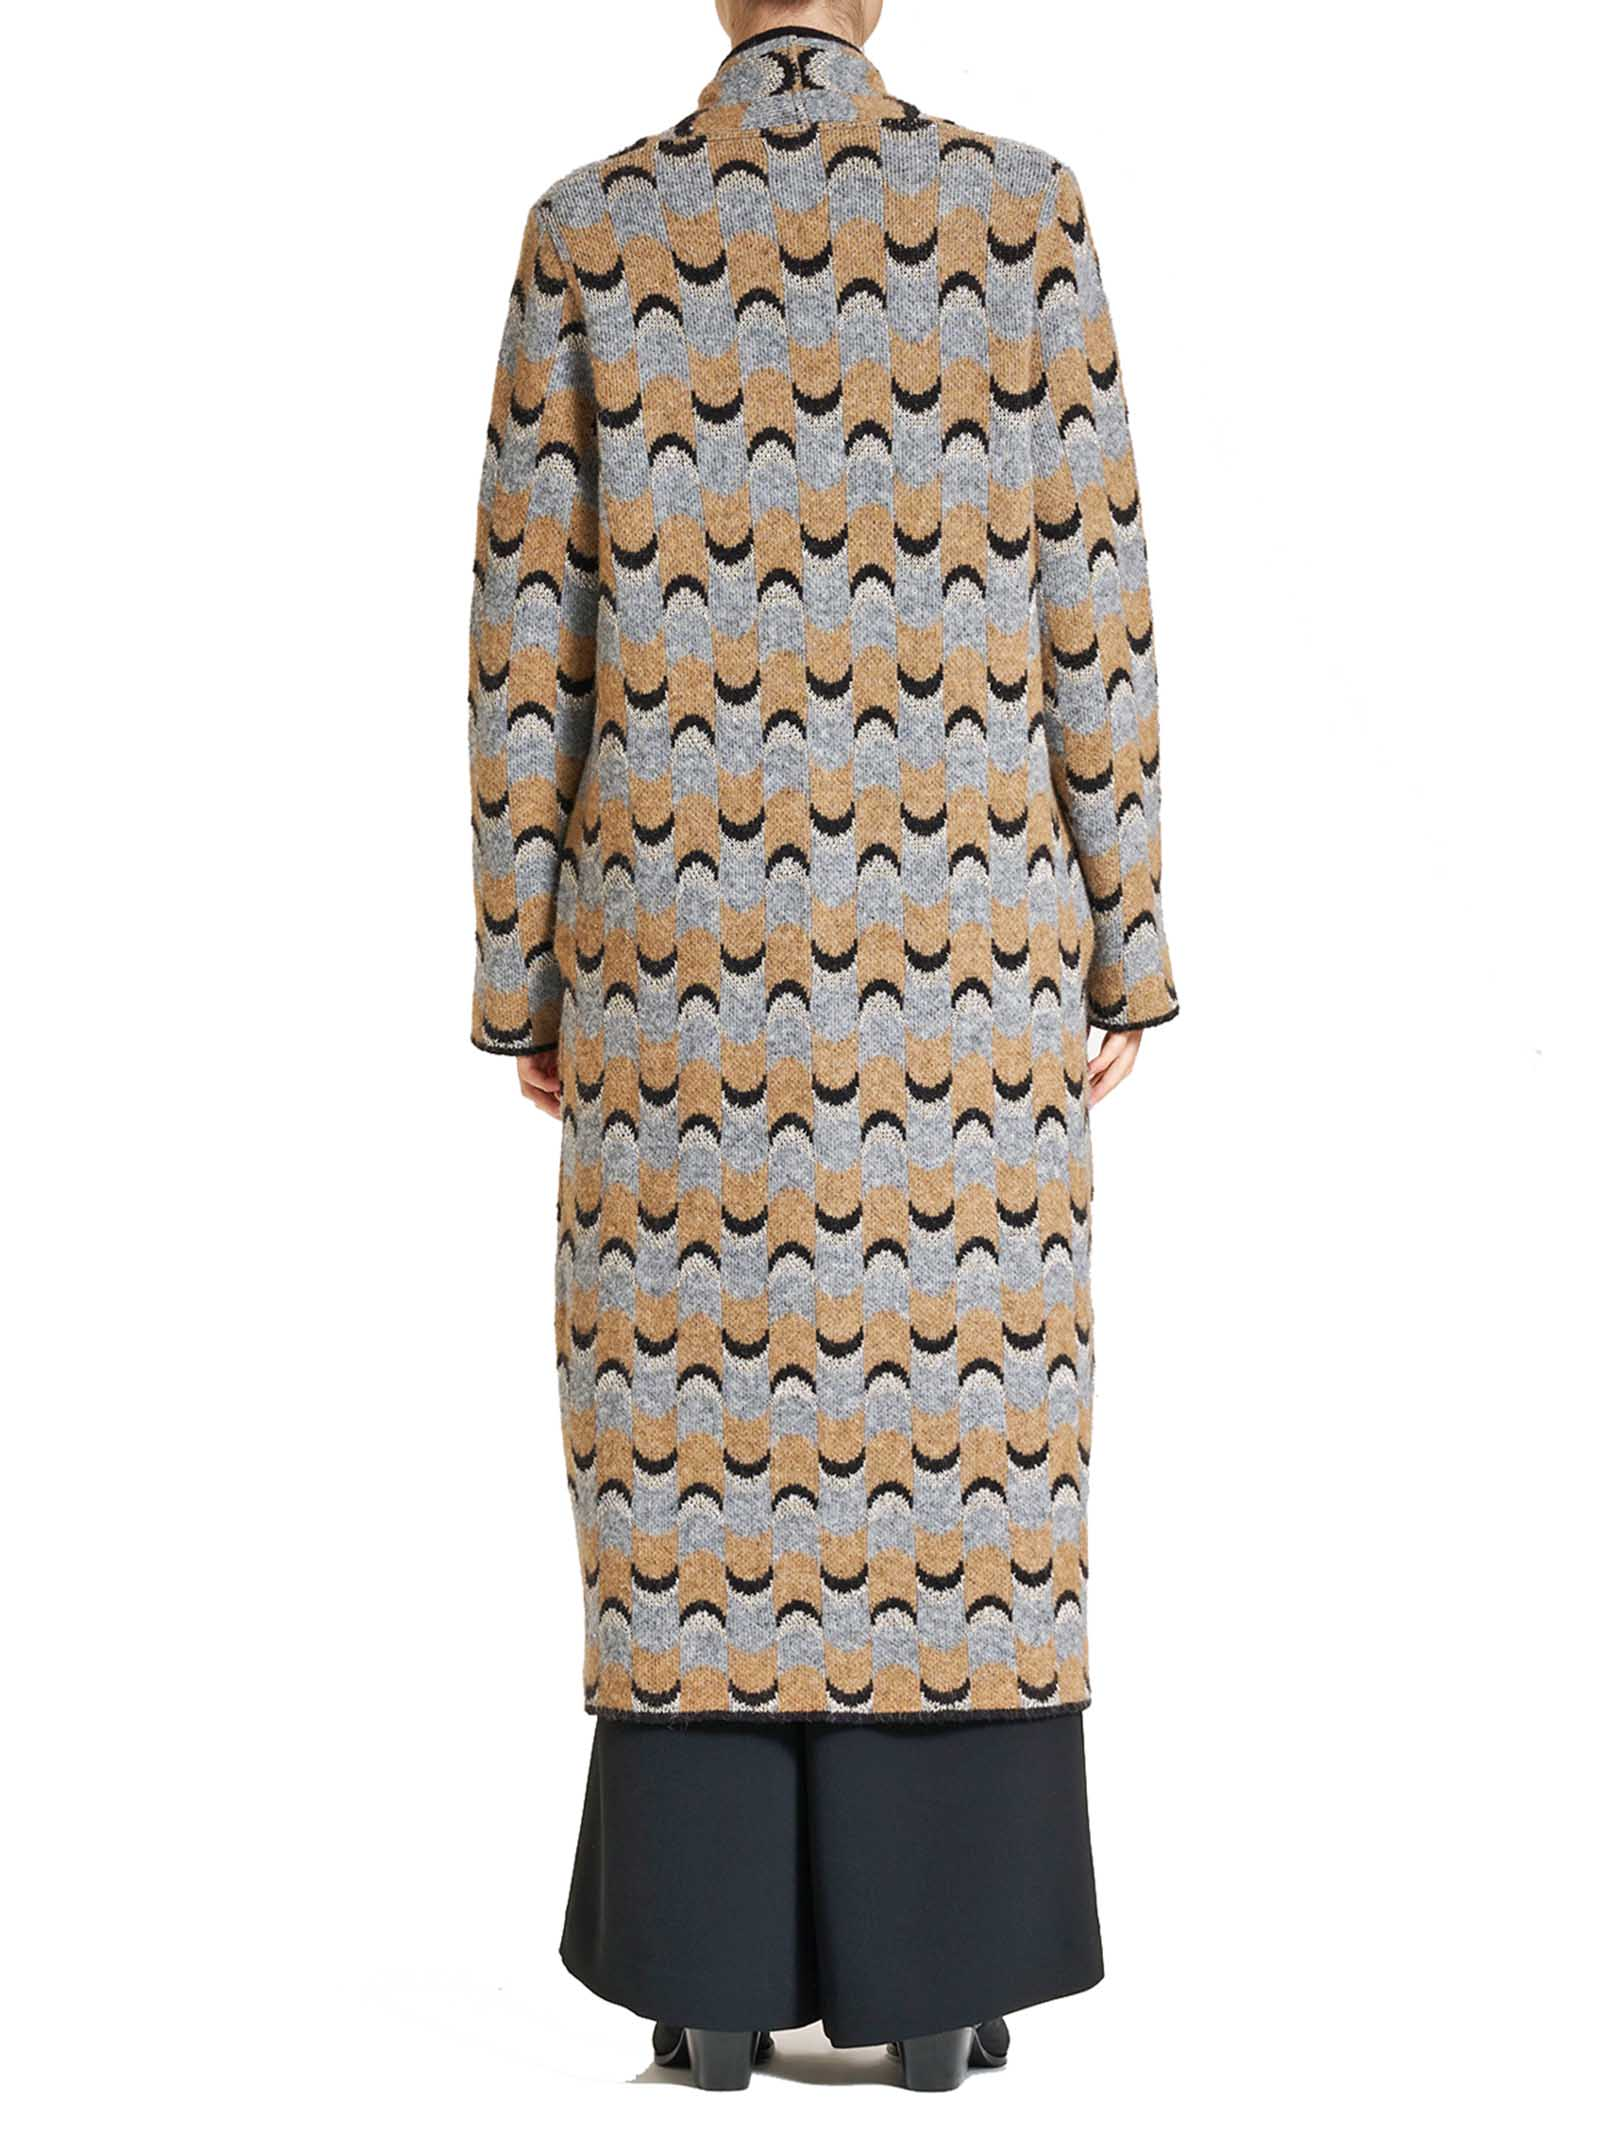 Abbigliamento Donna Cappotto Cozy in Lana Jacquard Taupe Multicolor Senza Cintura Maliparmi | Cappotti e Giacche | JB533770521B1261